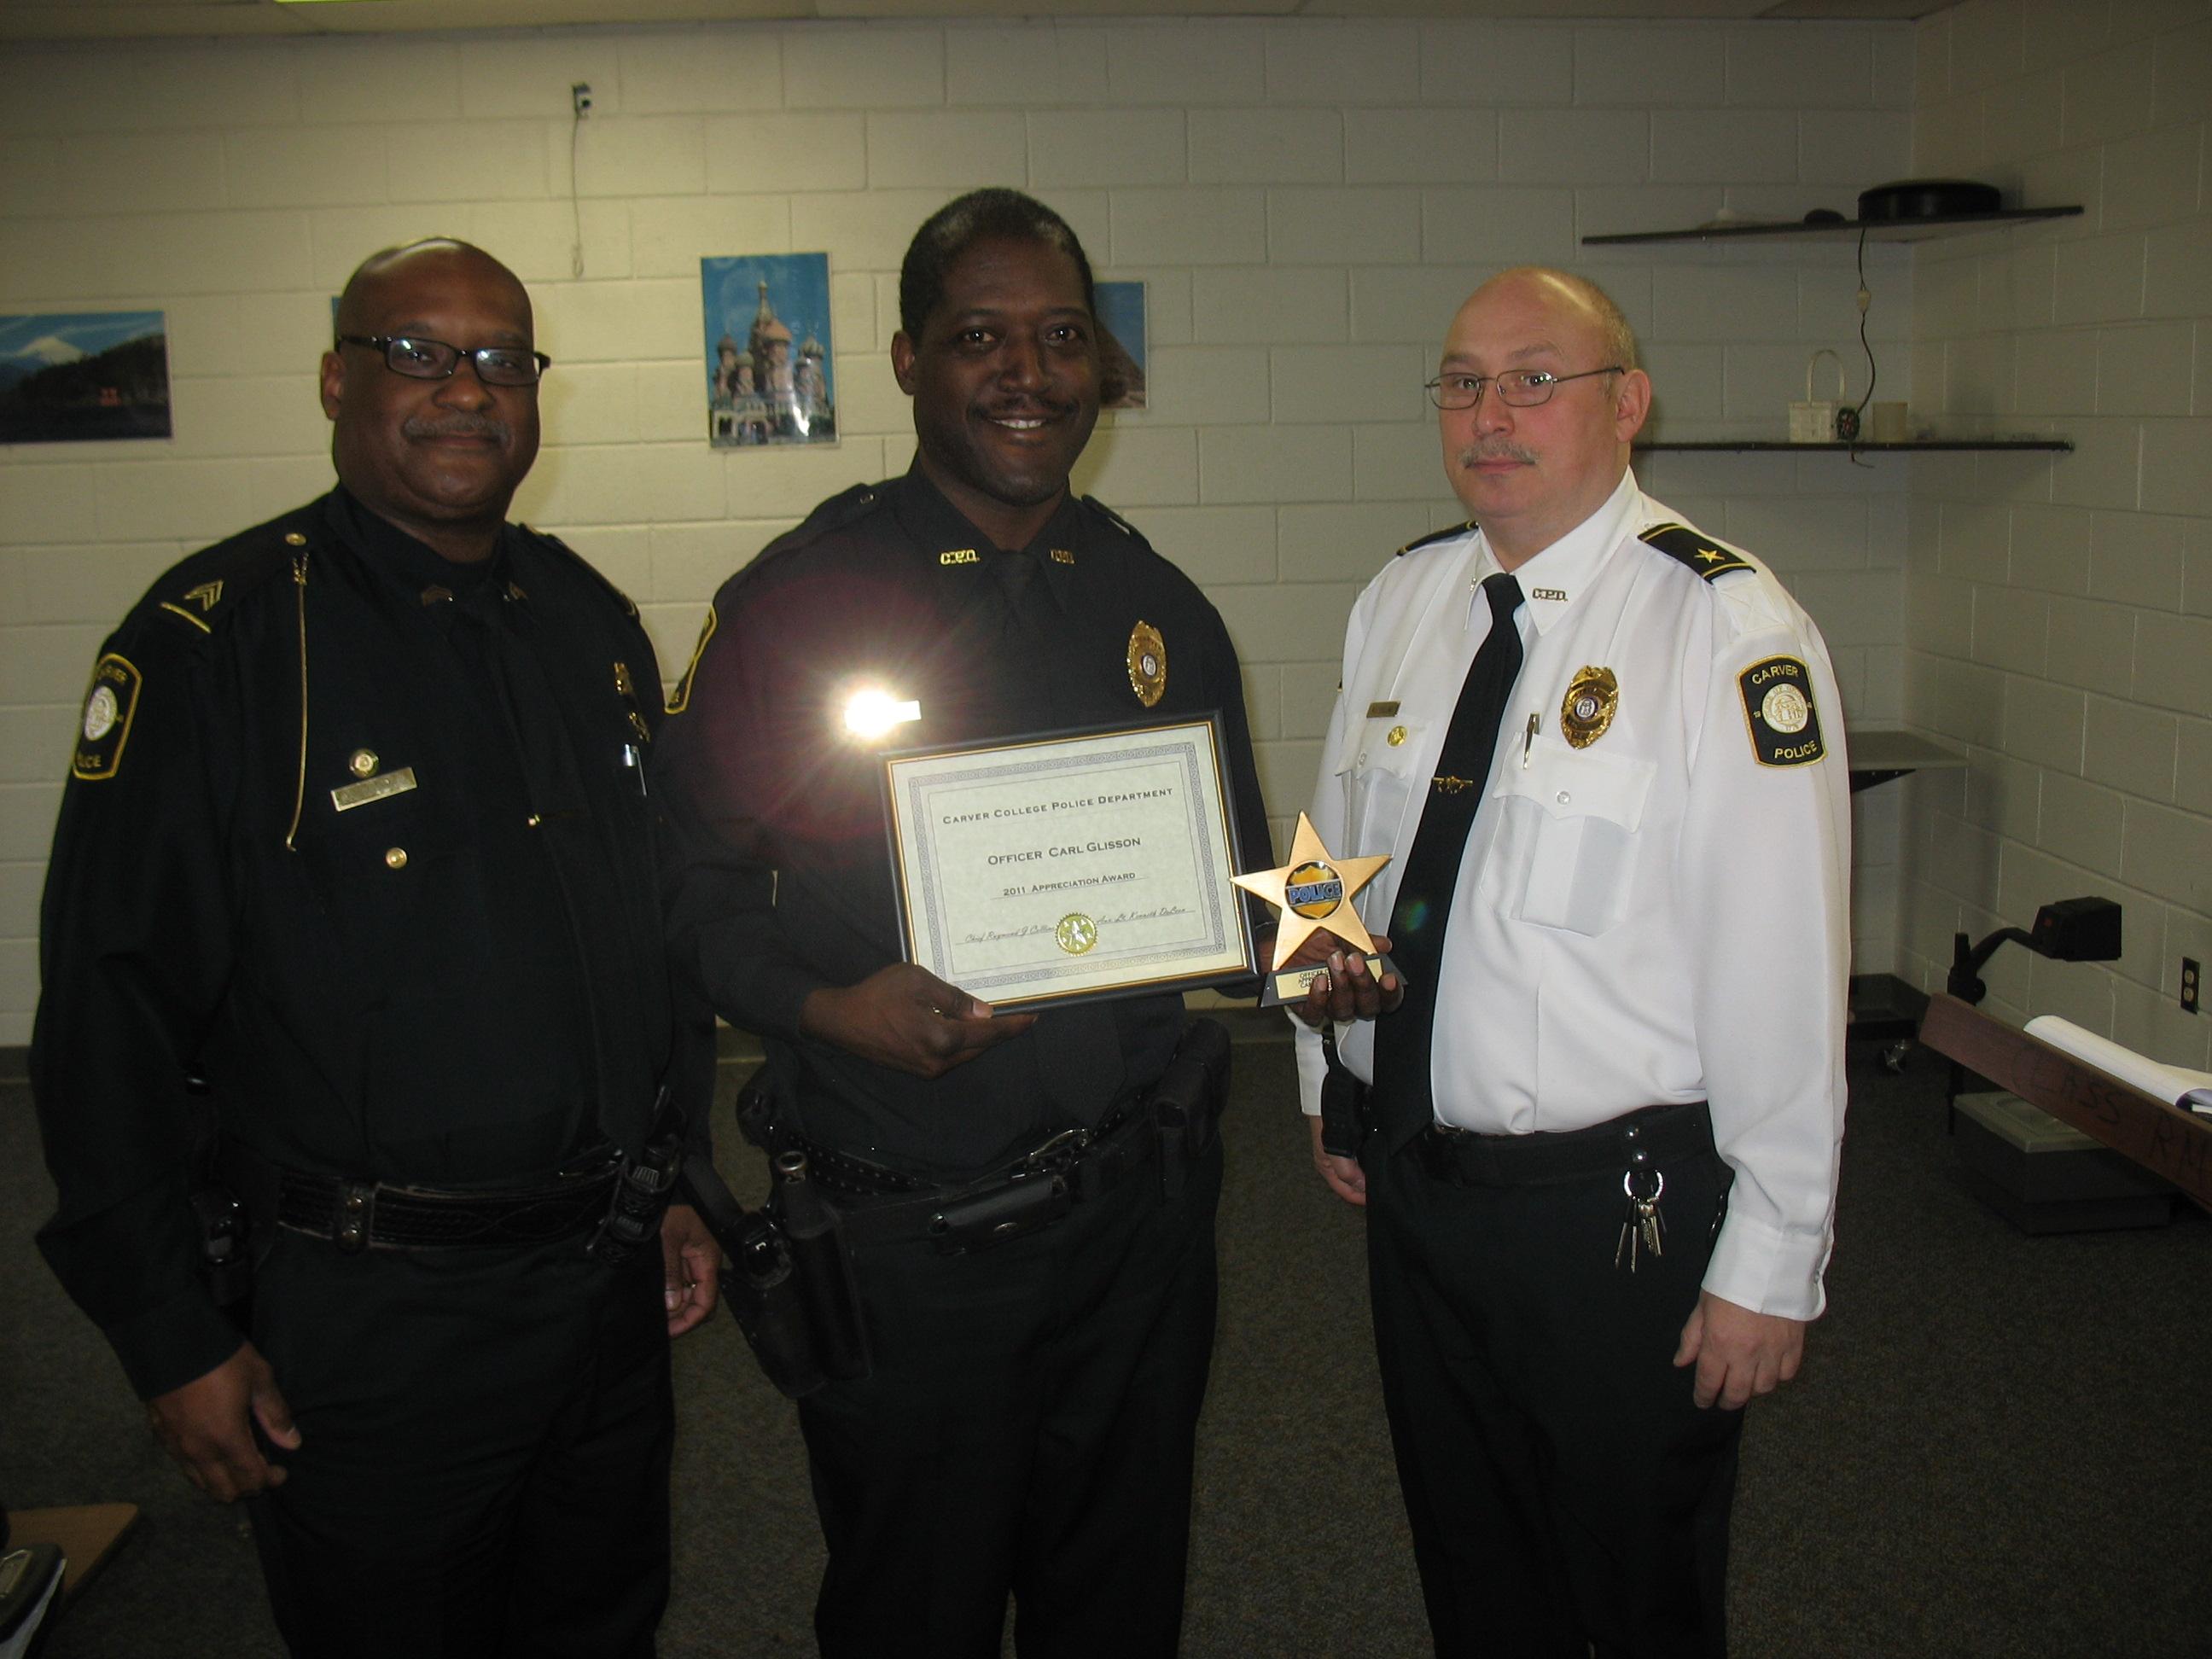 Sr. Officer Glisson - Appreciation Award